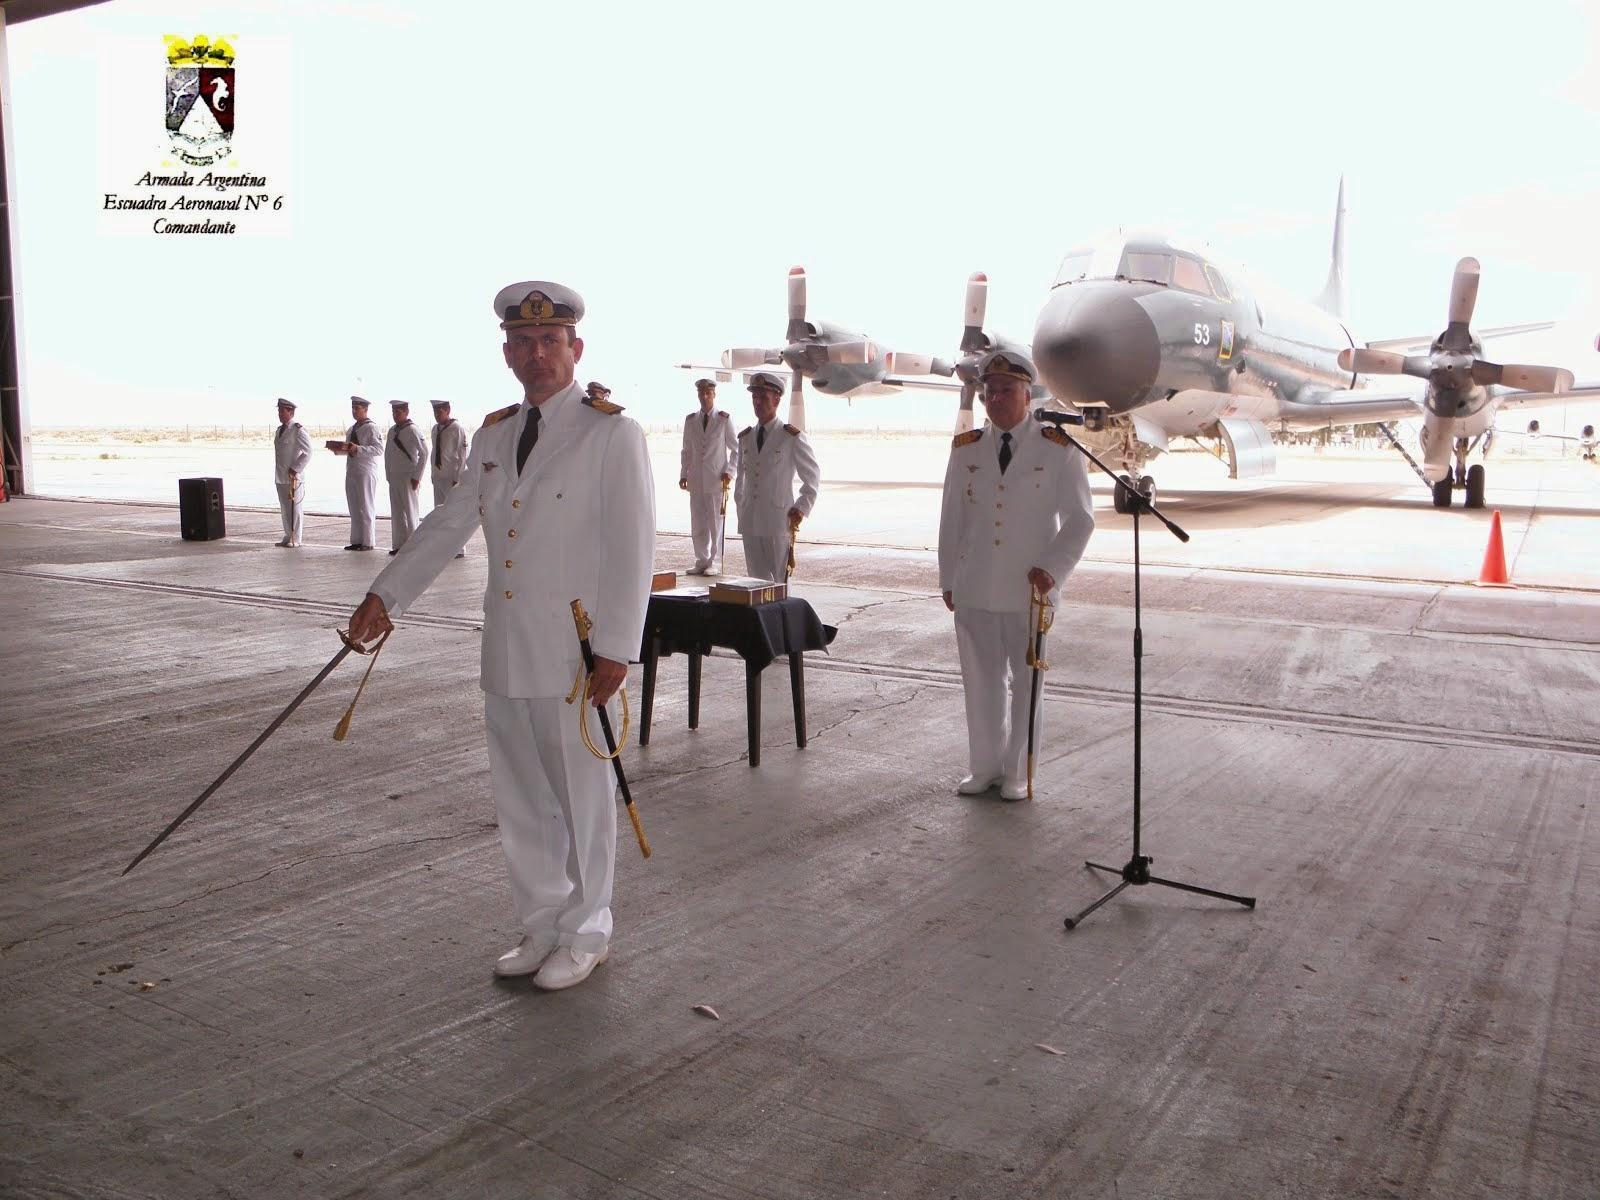 Nuevo Comandante de la Escuadra Aeronaval N° 6